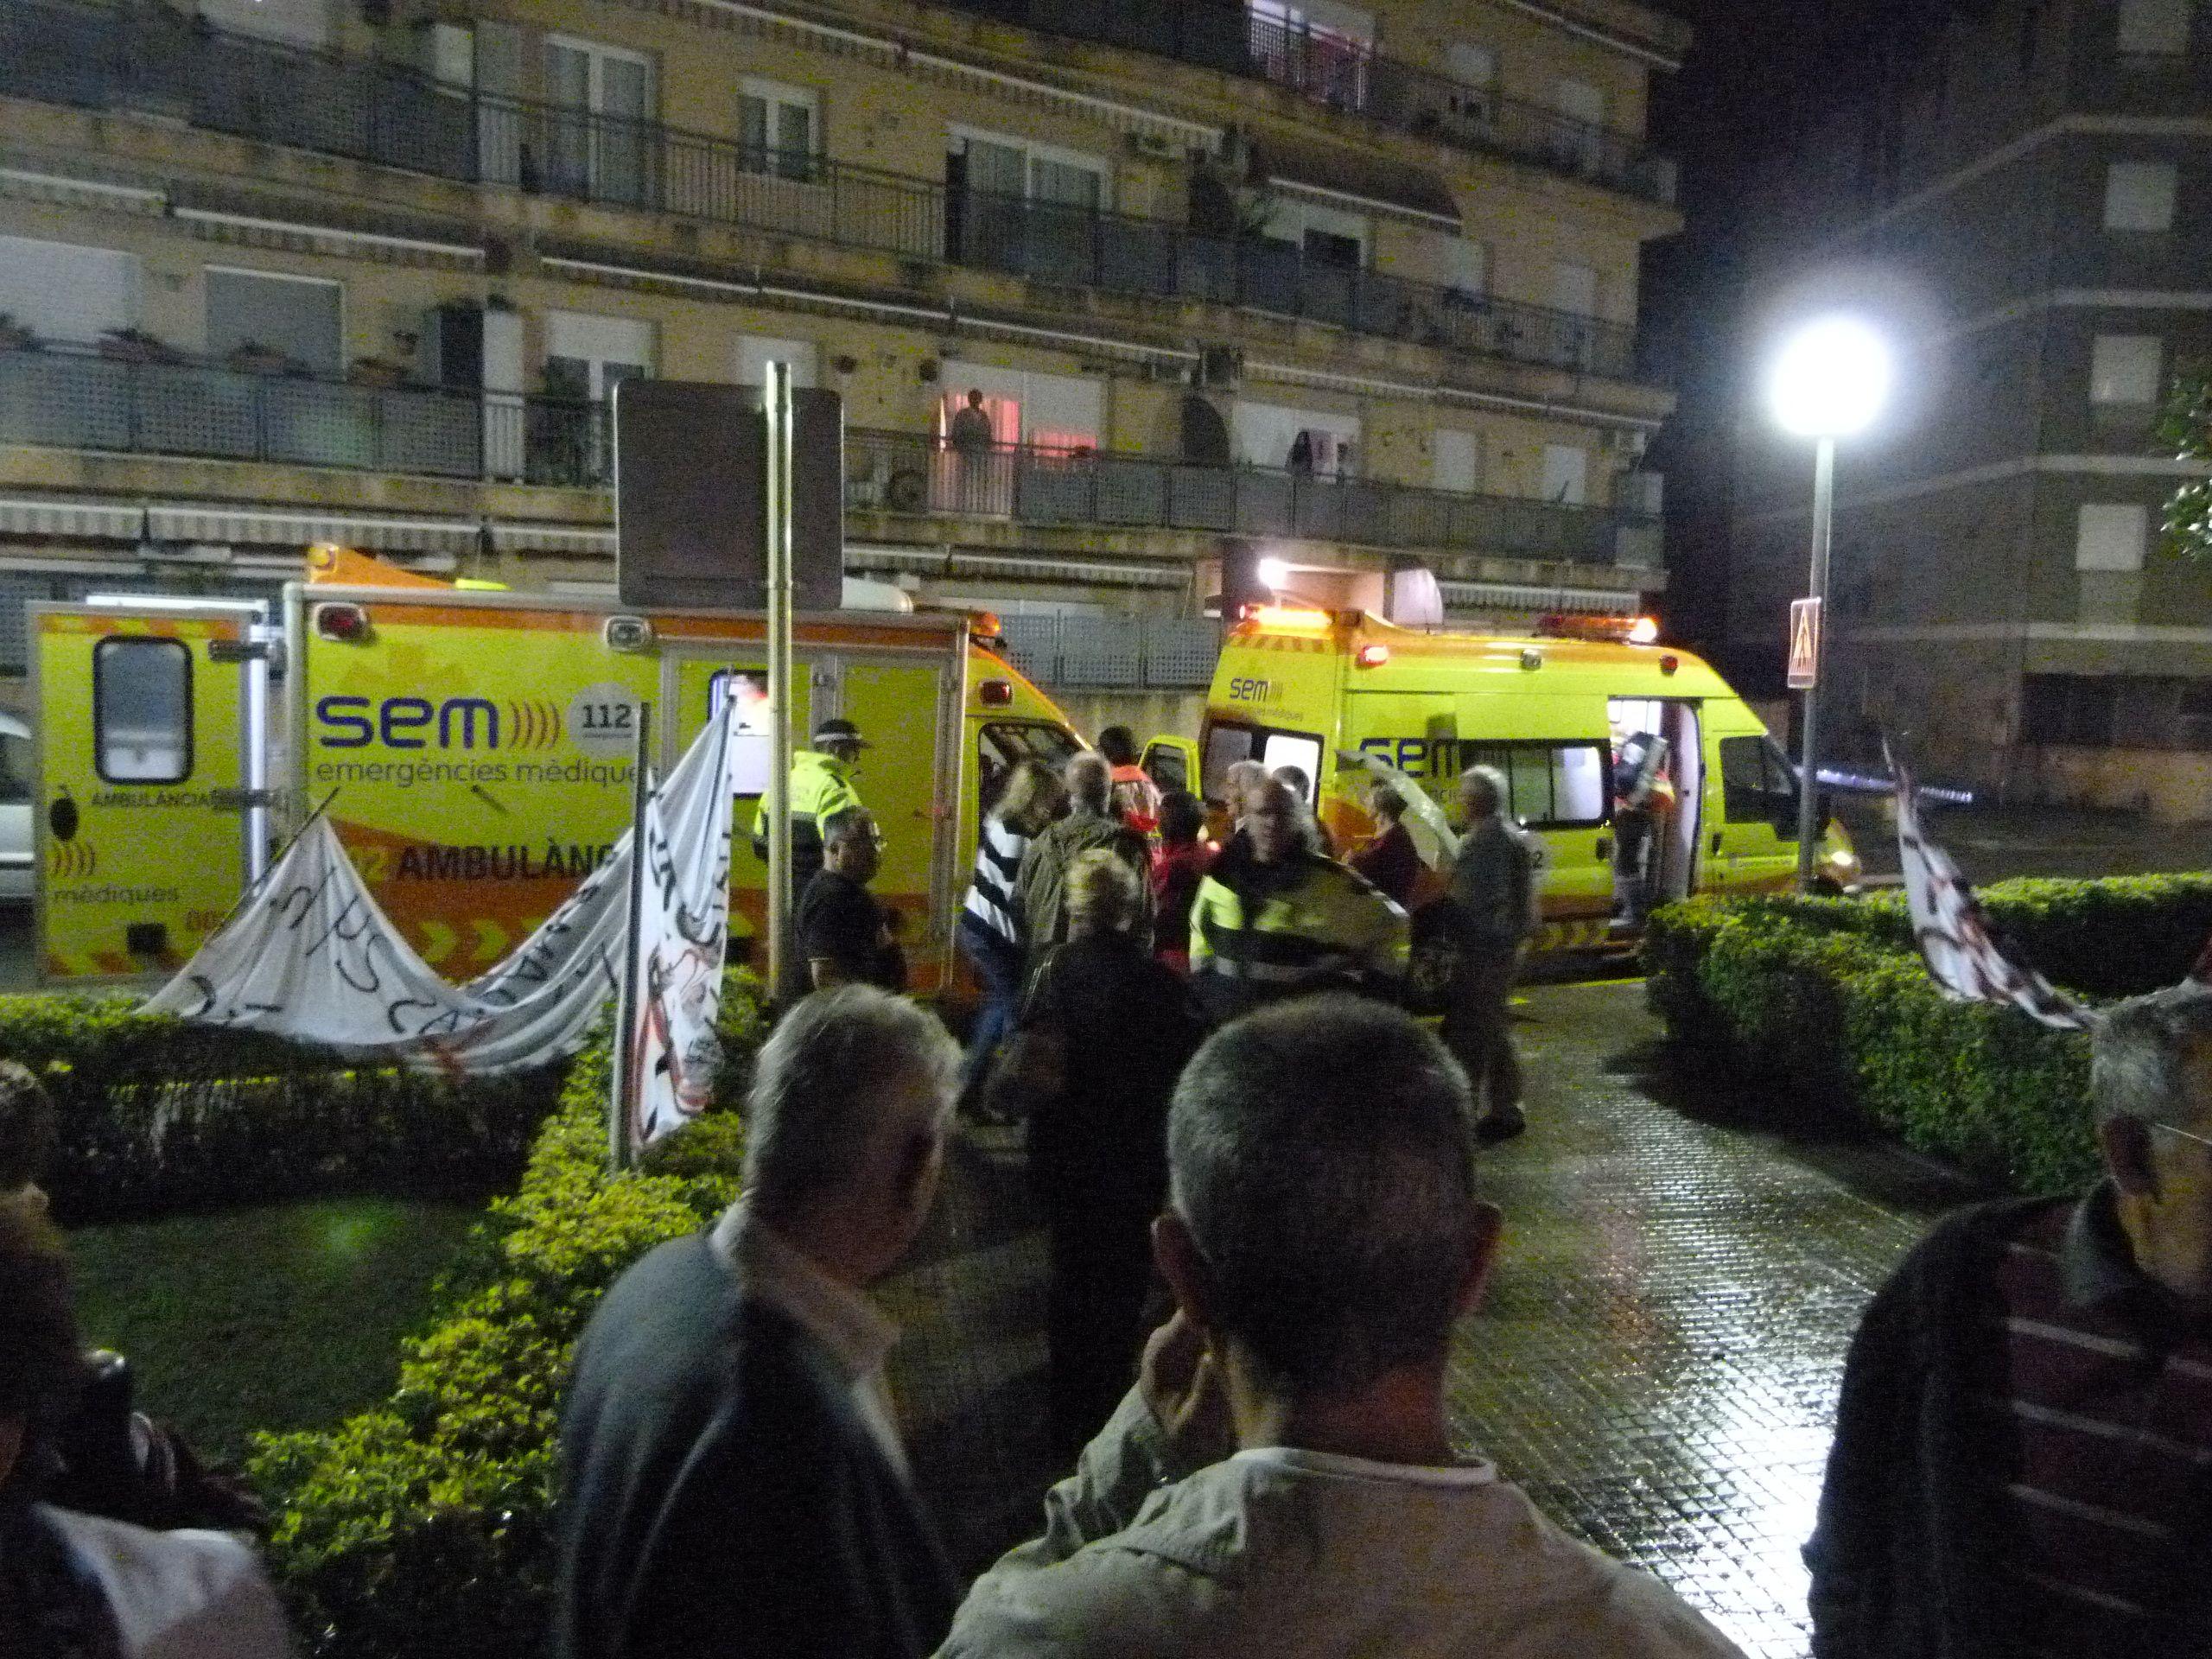 A los pocos minutos llegaron dos ambulancias de las que extrajeron el equipo de reanimación cardíaca. Hoy día, podemos disfrutar de la compañía de nuestro vecino gracias a que las urgencias nocturnas estaban abiertas abiertas